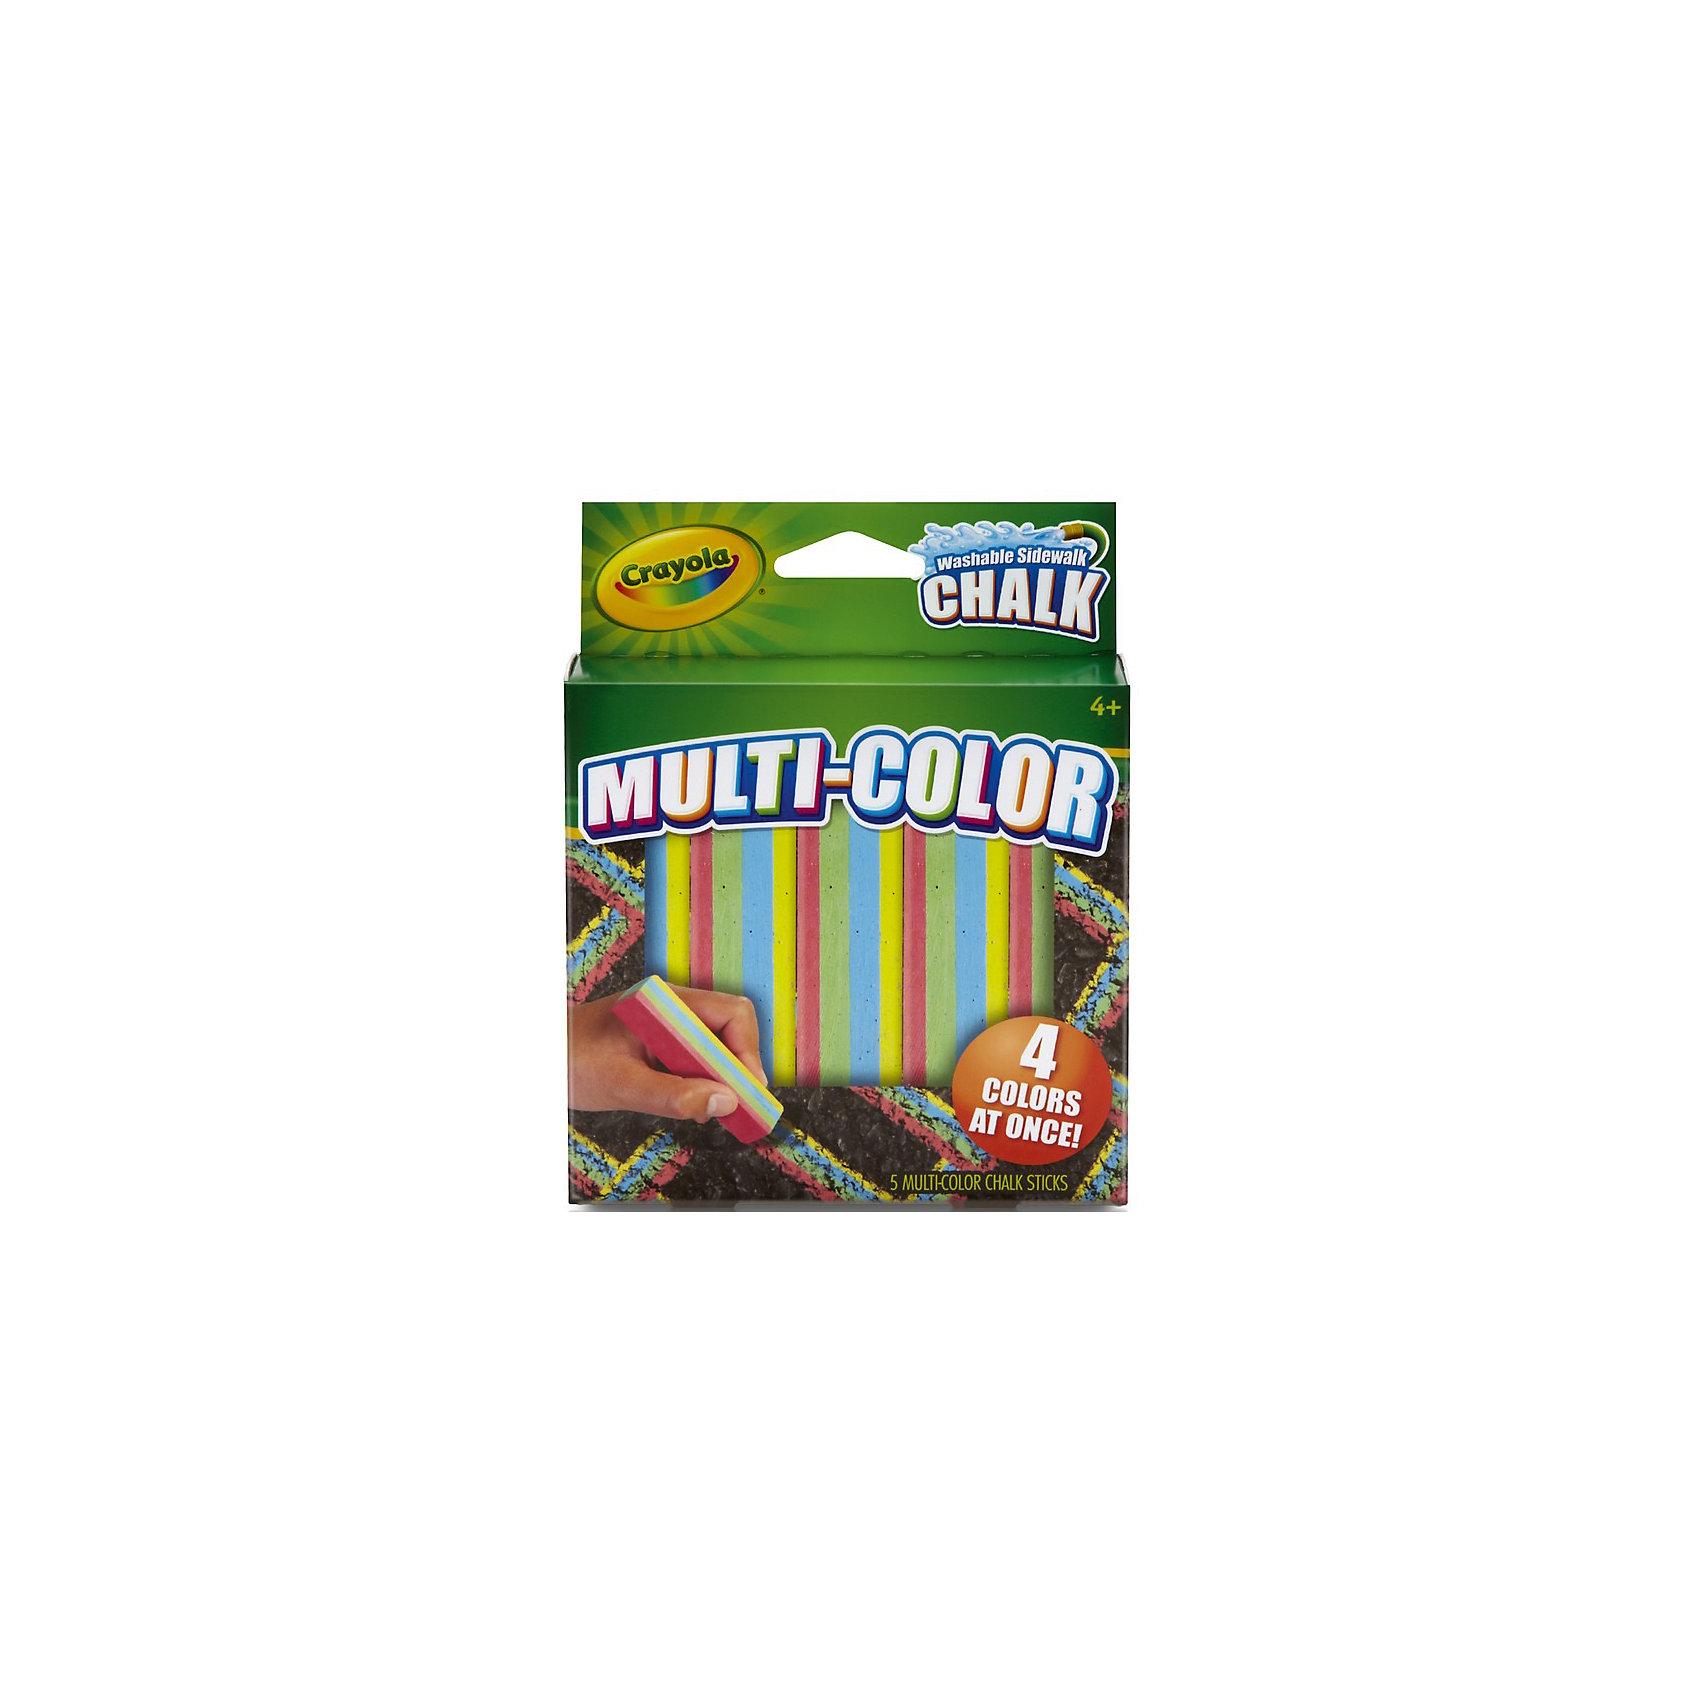 Мел для асфальта многоцветный, 5 цв., CrayolaСоздавай уникальные шедевры прямо на асфальте с новыми мелками Crayola (Крайола)! <br><br>Эксклюзивные мелки Crayola (Крайола) сочетают сразу 4 цвета в одном кусочке. Рисуй одновременно зелёным, жёлтым, синим и розовым цветом! Качественными мелками легко создать яркий неповторимый рисунок. В коробке 5 четырёхцветных прочных мелков высокого качества. Они не расколются и не поломаются при случайном падении или от сильного нажима.  <br><br>Создавая новые картины на асфальте, ребёнок развивает свои творческие навыки и воображение. Нарисуй радугу одним движением руки!<br><br>Мел для асфальта многоцветный, 5 цв., Crayola (Крайола) можно купить в нашем магазине.<br><br>Ширина мм: 250<br>Глубина мм: 140<br>Высота мм: 100<br>Вес г: 230<br>Возраст от месяцев: 48<br>Возраст до месяцев: 144<br>Пол: Унисекс<br>Возраст: Детский<br>SKU: 4055305